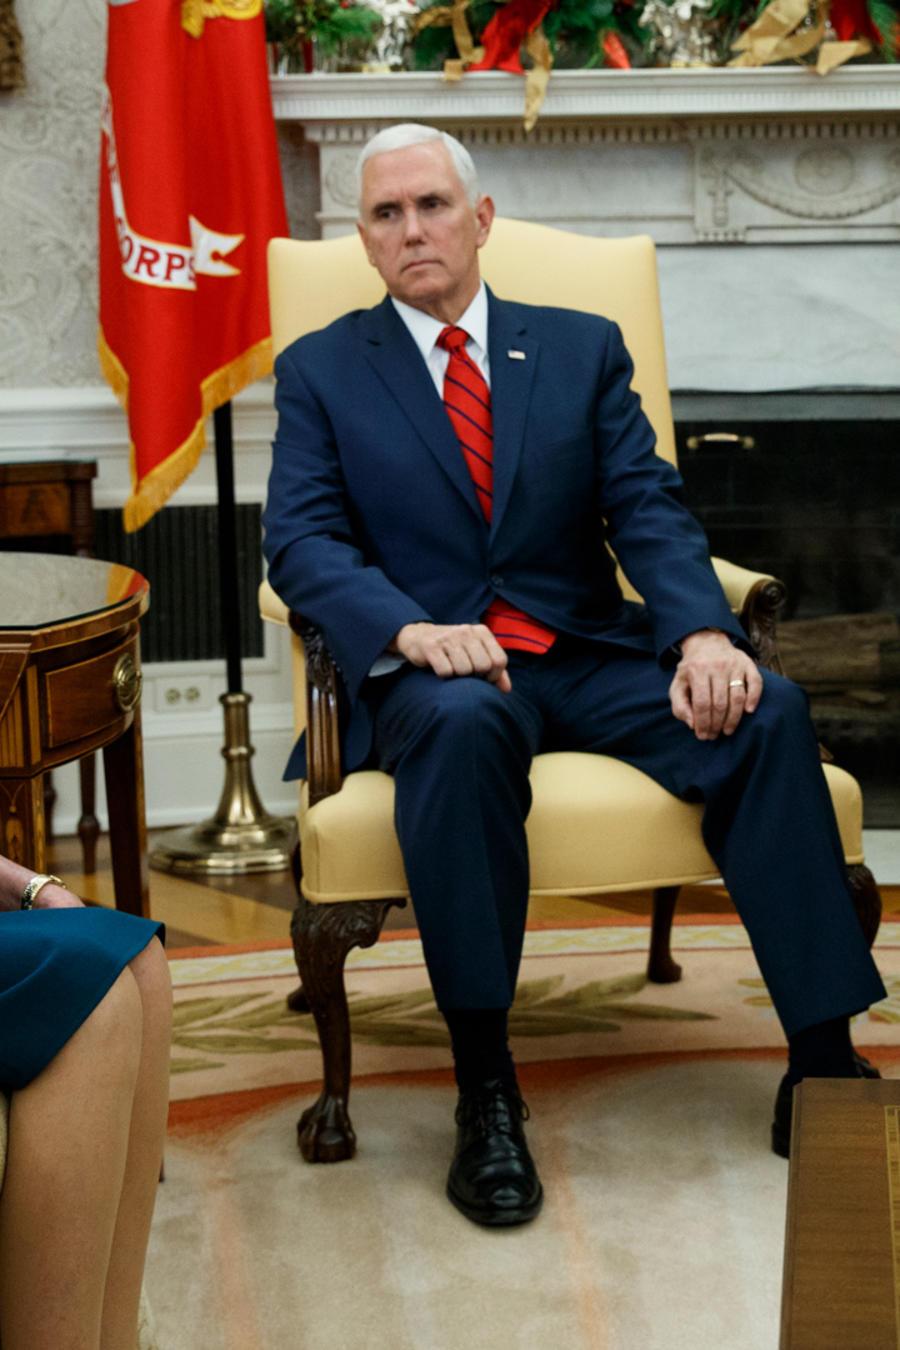 El presidente Donald Trump y Nancy Pelosi reunidos en presencia del vicepresidente Mike Pence